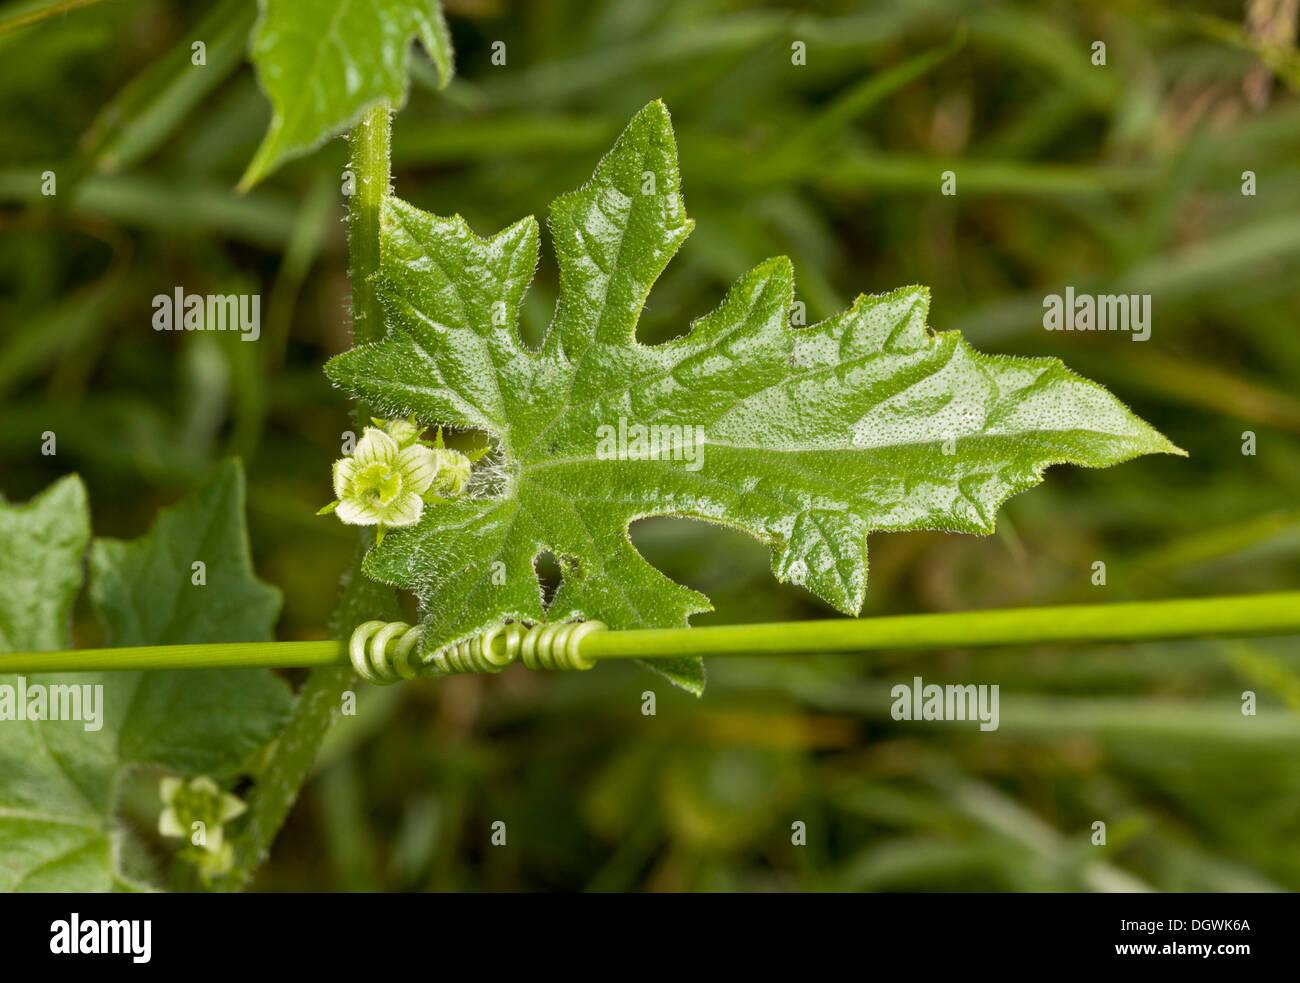 Weiße Zaunrübe, Bryonia Dioica mit Blume, Blatt und Ranke. Stockbild